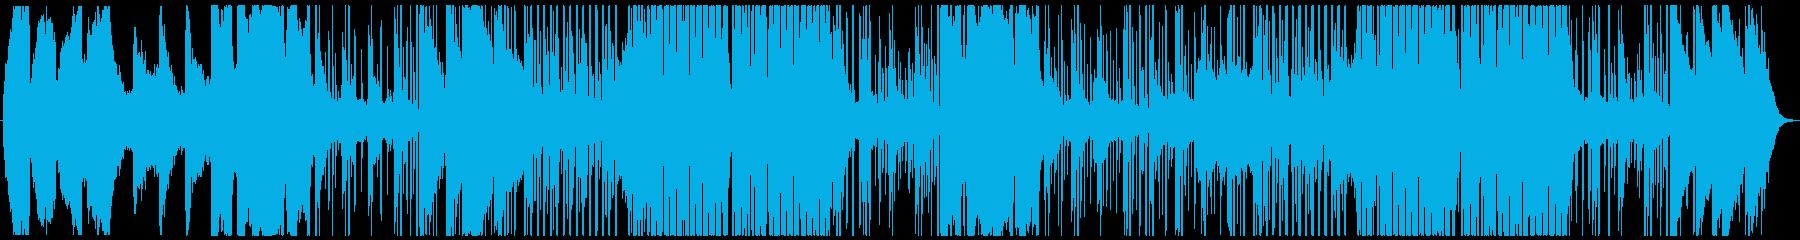 フューチャ ベース レゲエ スカし...の再生済みの波形